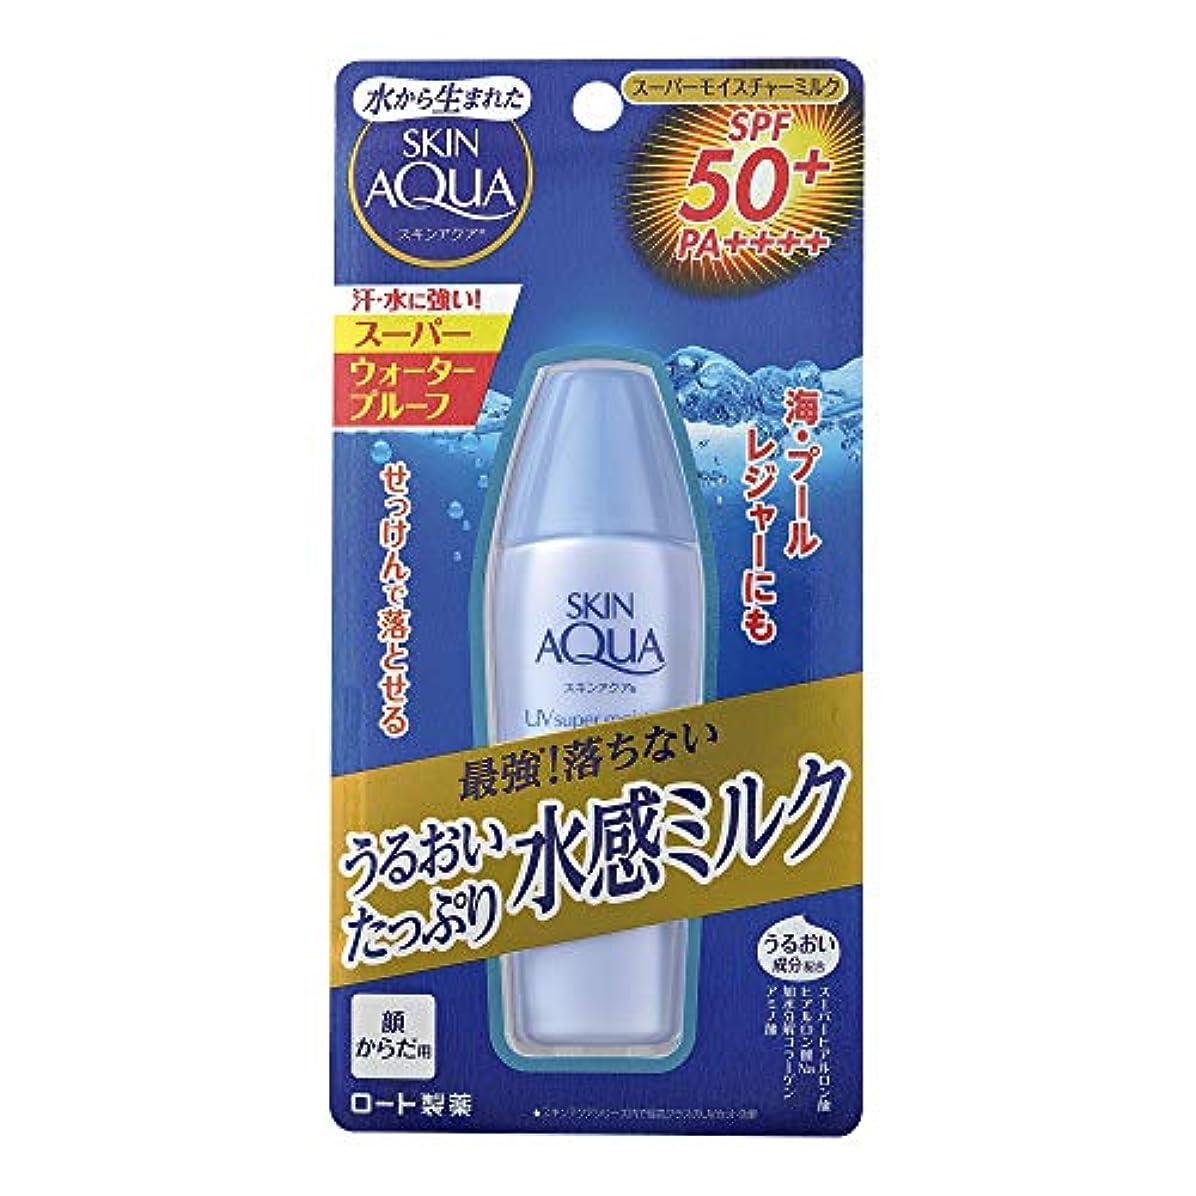 怒っている泣いている目に見えるスキンアクア (SKIN AQUA) 日焼け止め スーパーモイスチャーミルク 潤い成分4種配合 水感ミルク (SPF50 PA++++) 40mL ※スーパーウォータープルーフ